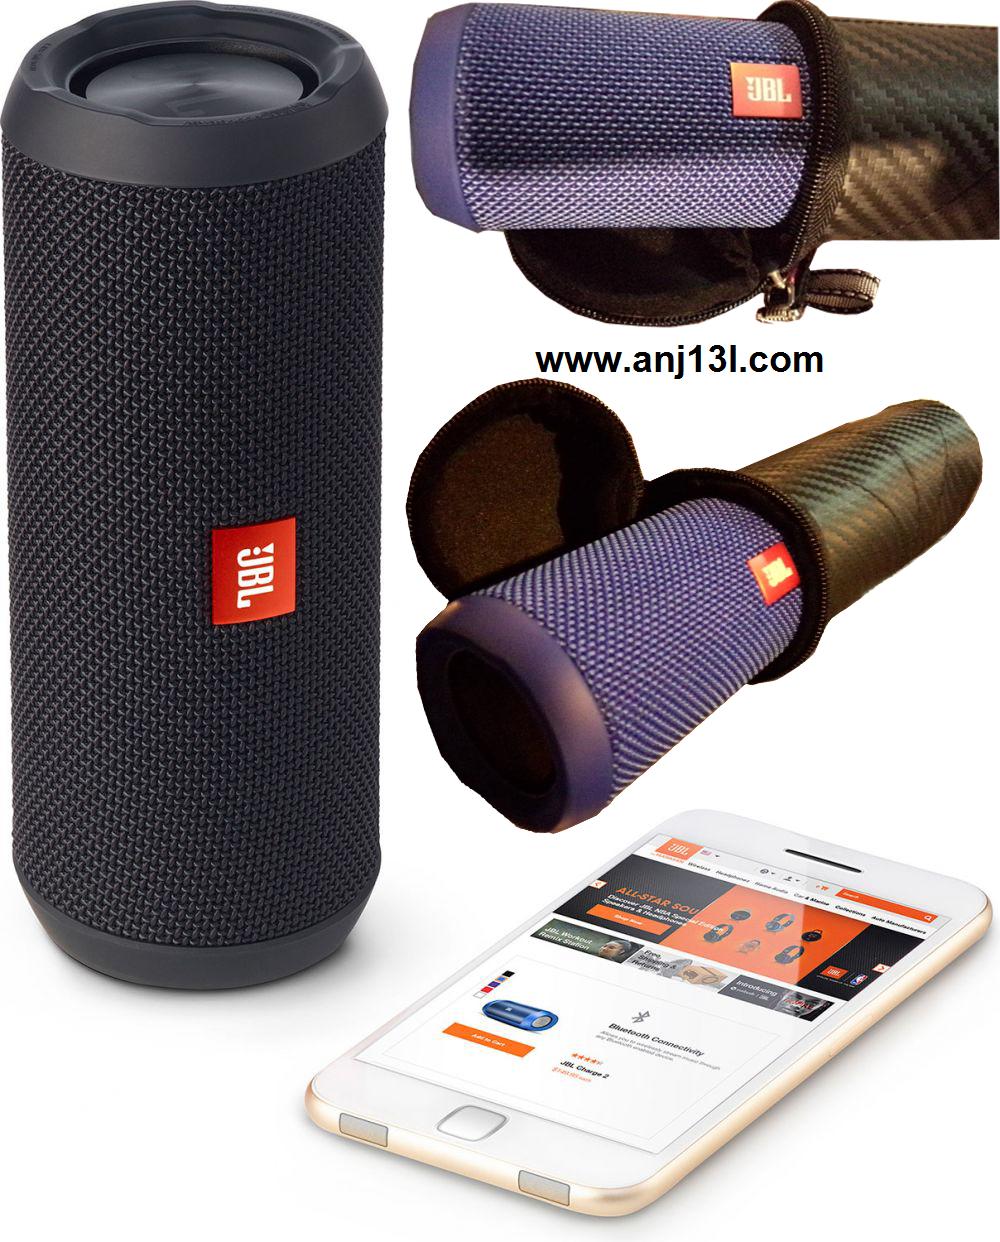 กระเป๋ากันน้ำสำหรับลำโพง JBL FLIP3 Bluetooth Speaker 400 บาทFREE EMS!!!